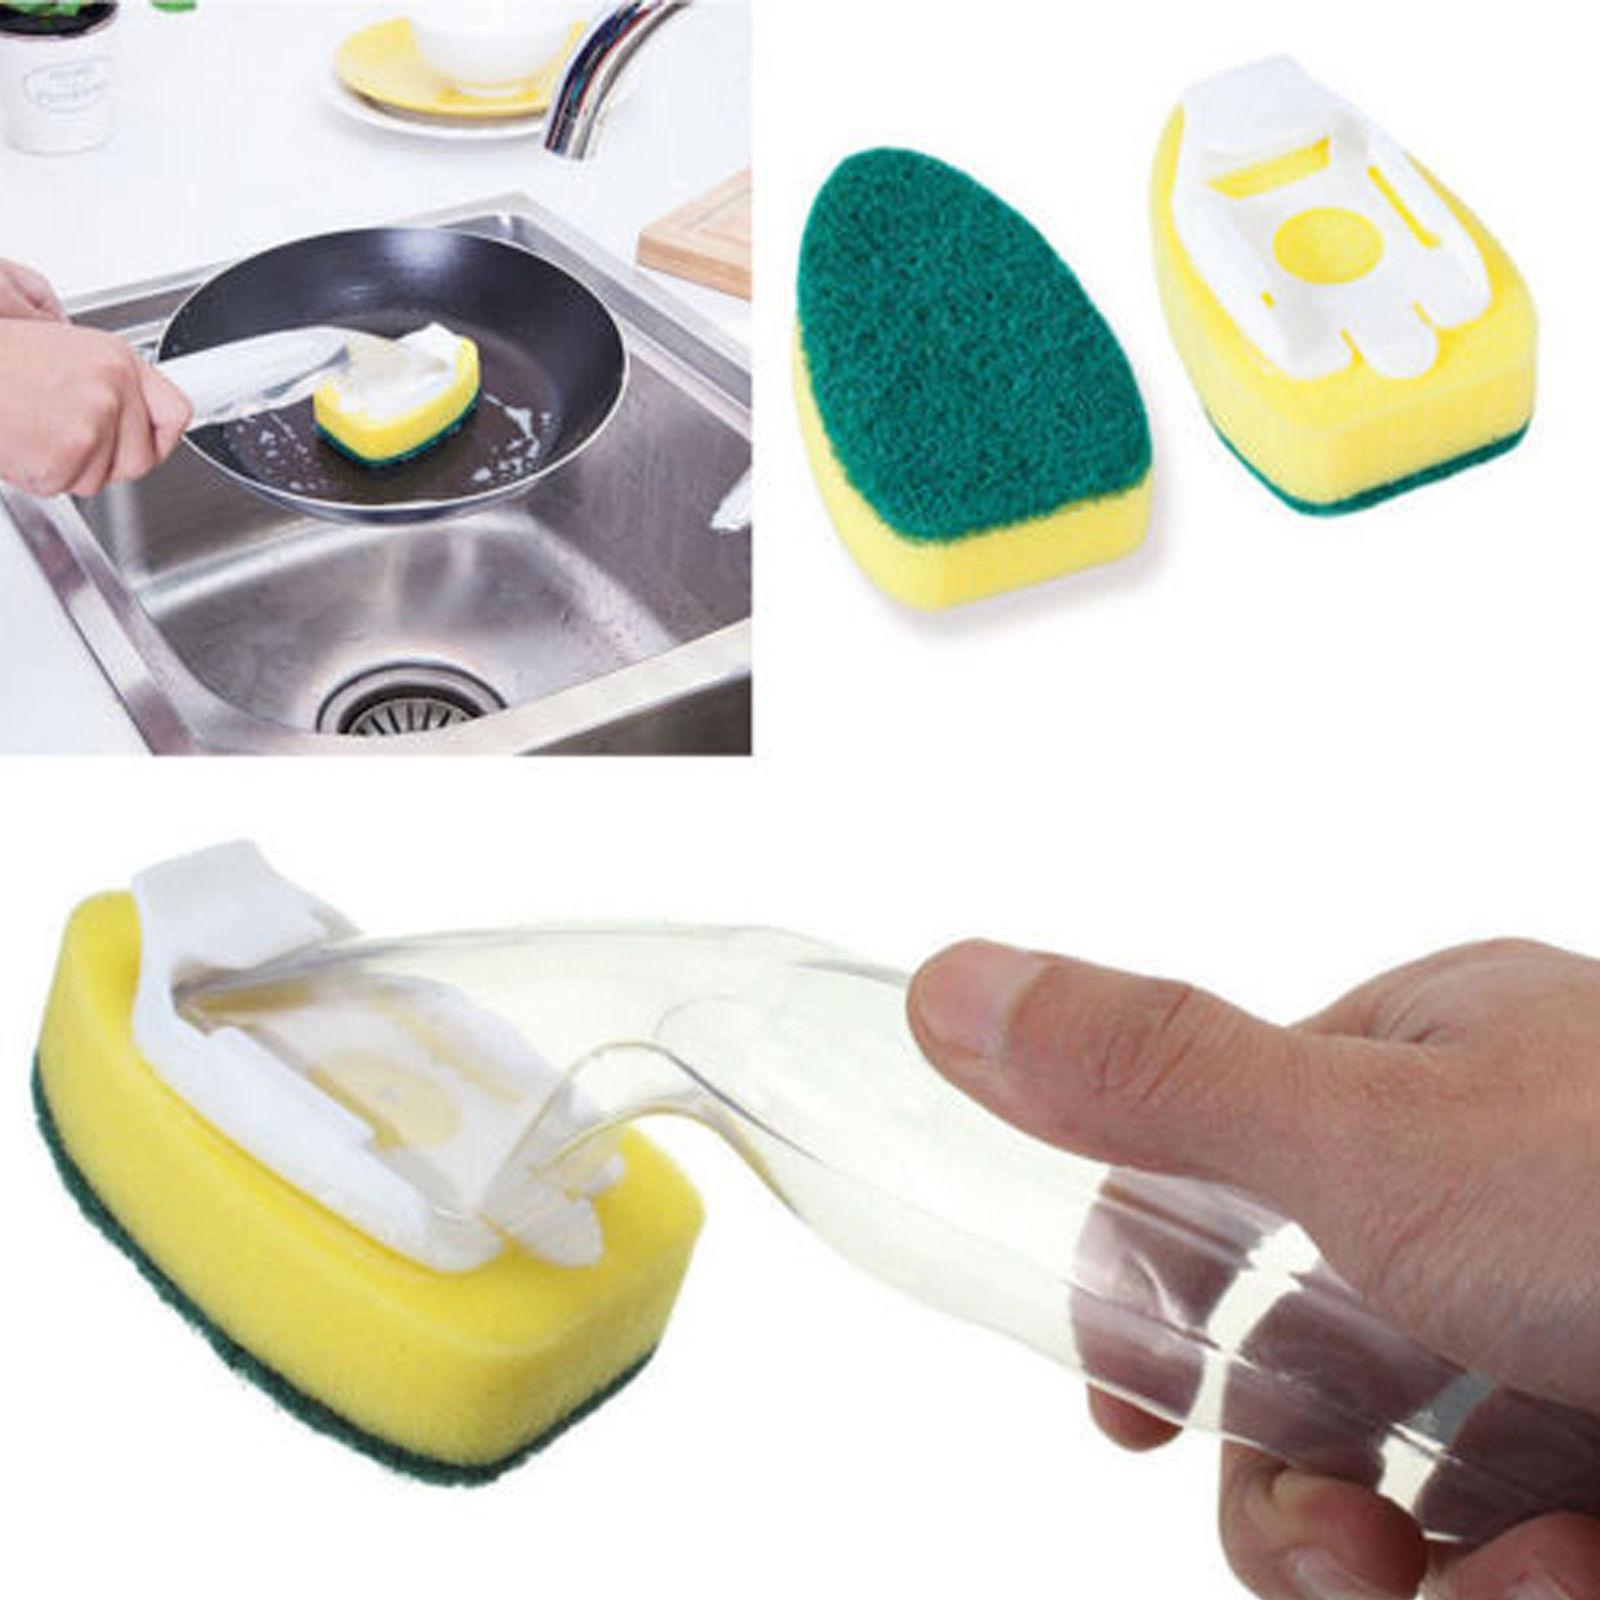 Escova de lavagem de louça de cozinha escova de limpeza de longa duração purificador de escova com dispensador de sabão líquido forte esponja de limpeza de descontaminação